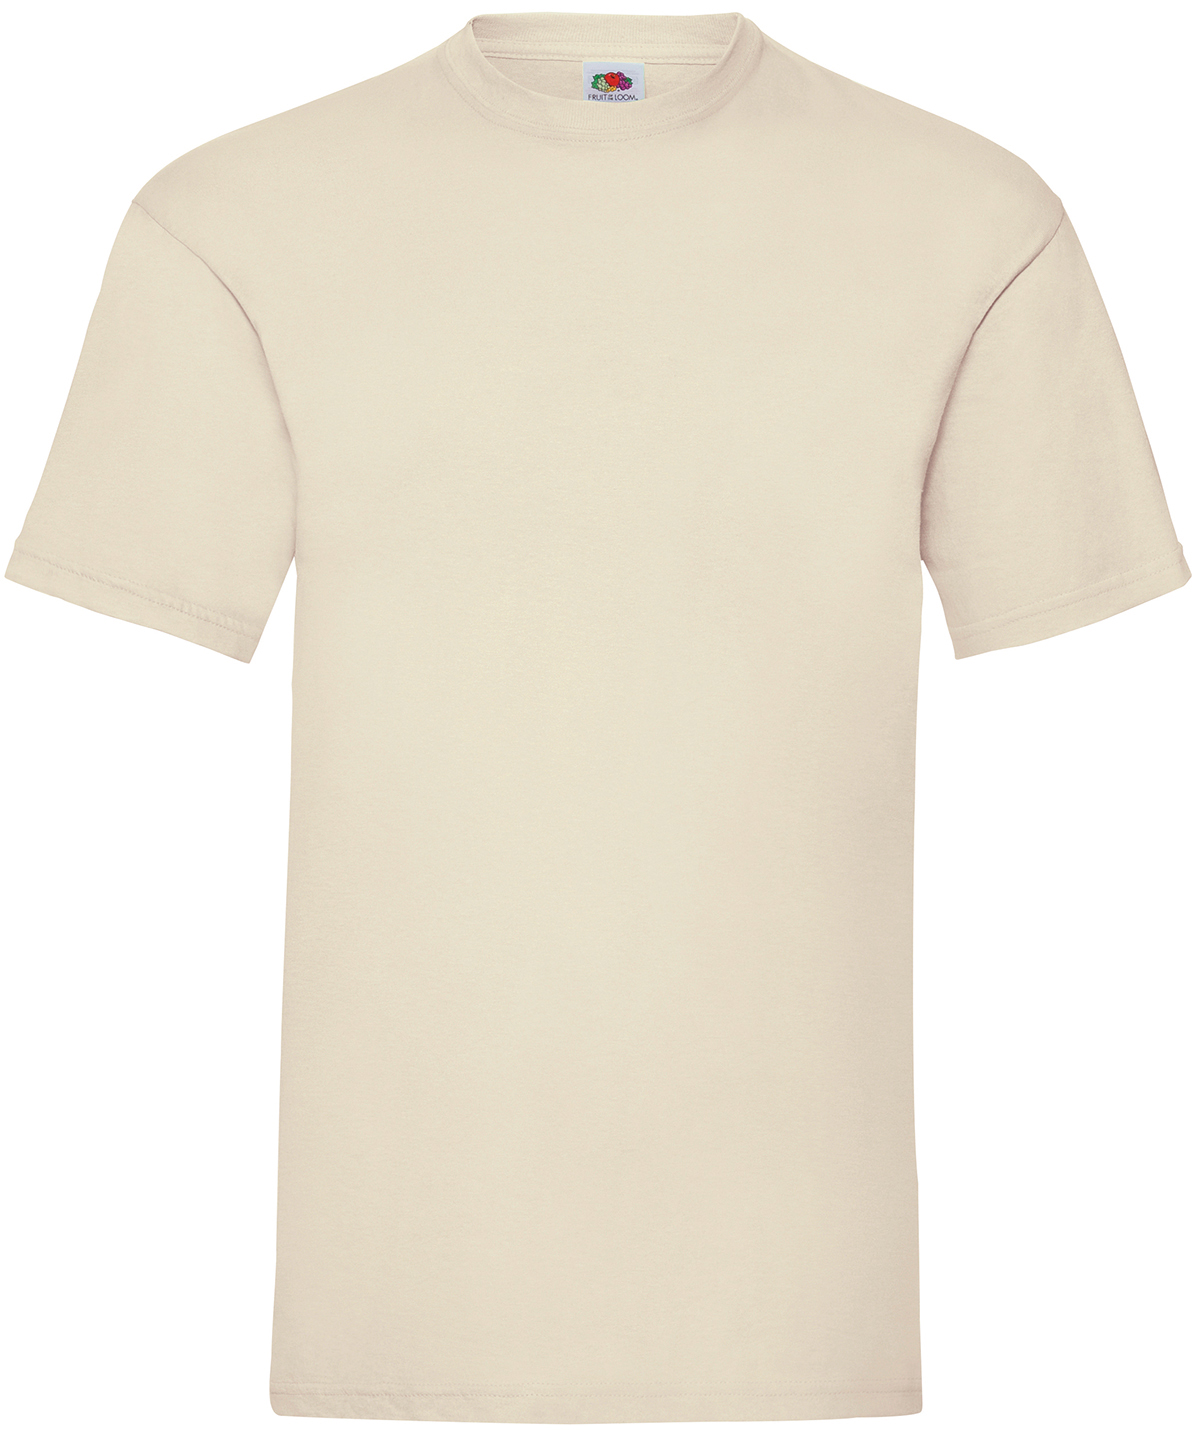 Indexbild 21 - Fruit of the Loom UNISEX T-Shirt Bestseller Top Angebot Herren Damen NEU